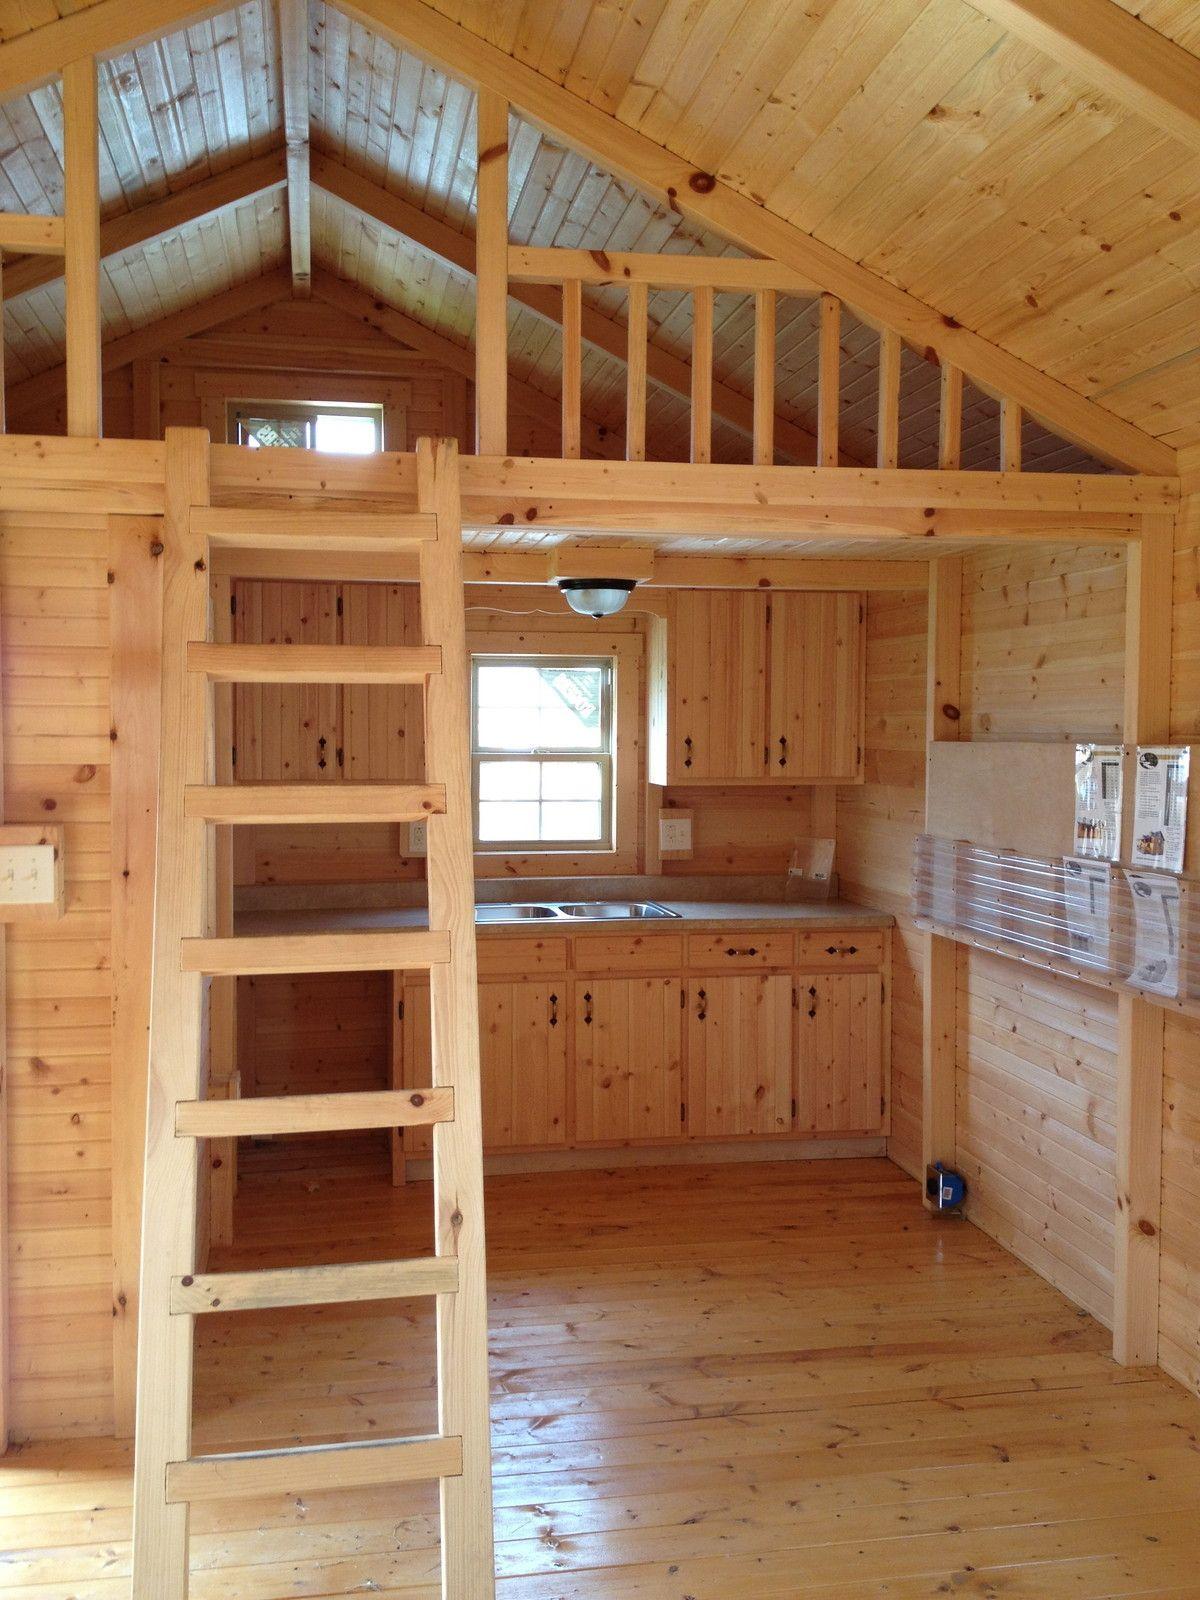 Tiny House ebay 14x24 CABIN KIT Small houses etc